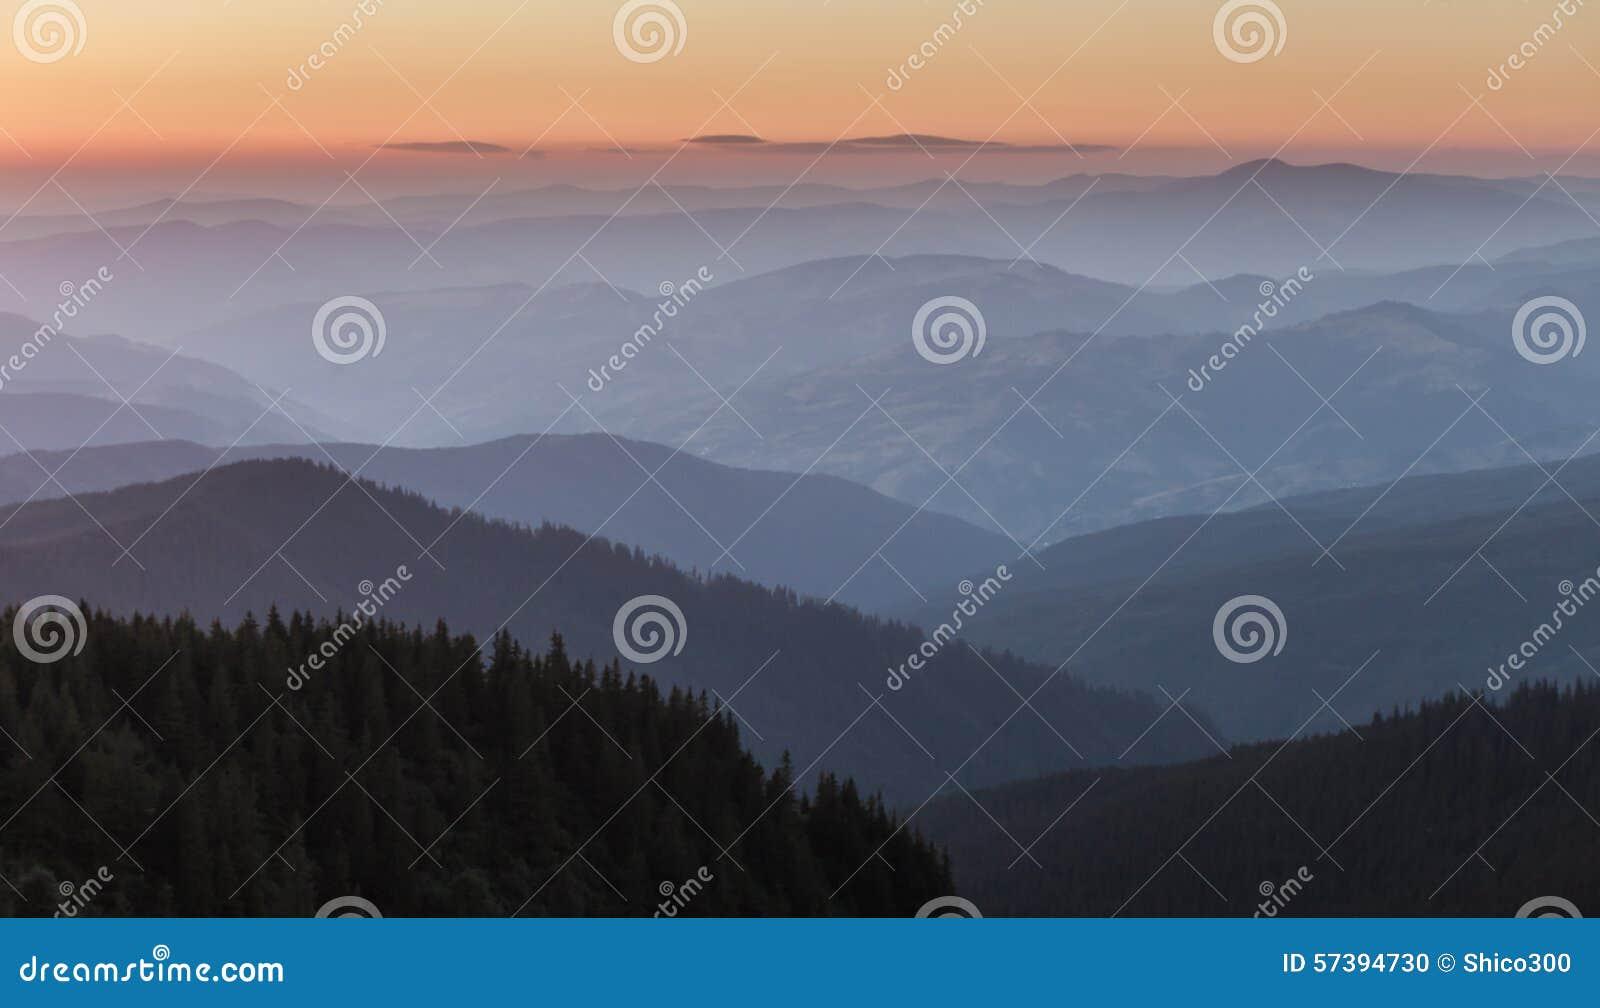 Verre bergketen en dunne laag wolken op de valleien